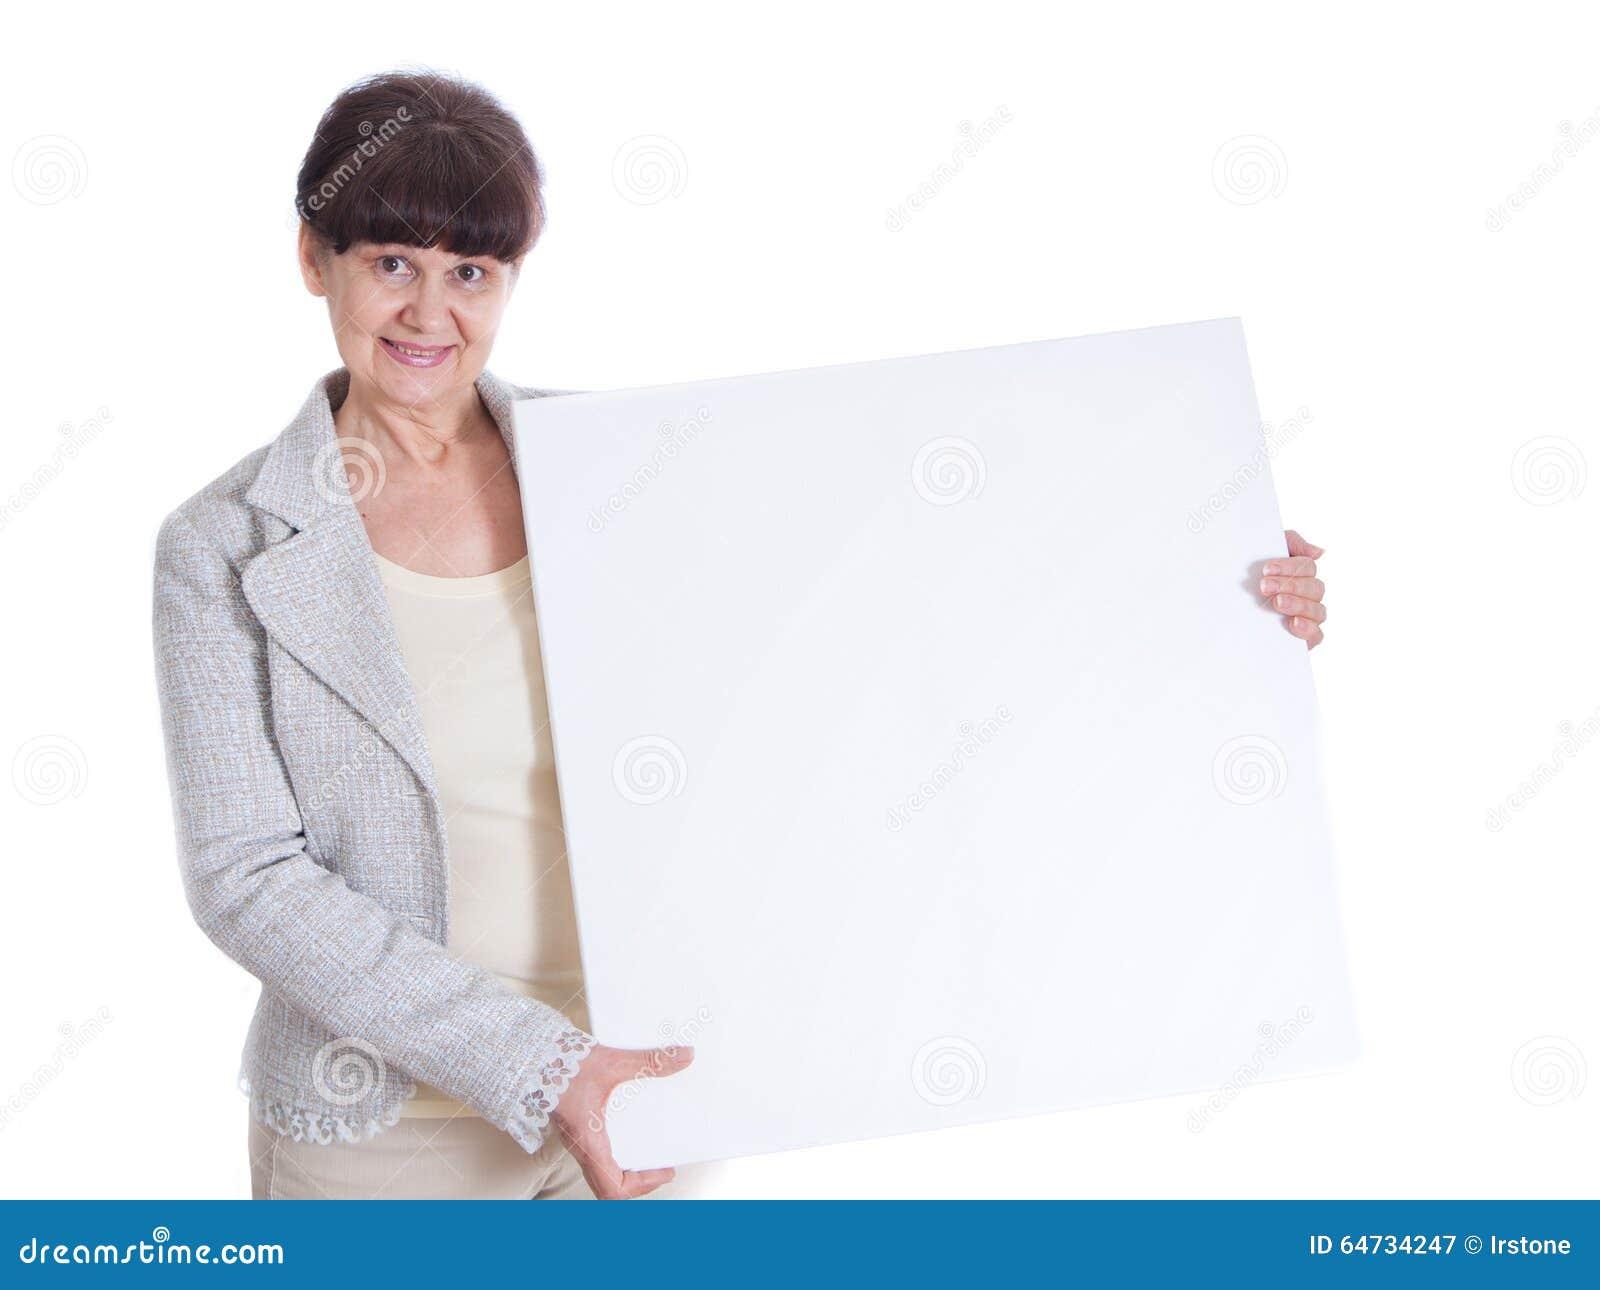 Donna matura che si appoggia insegna bianca Ritratto contro di fondo bianco